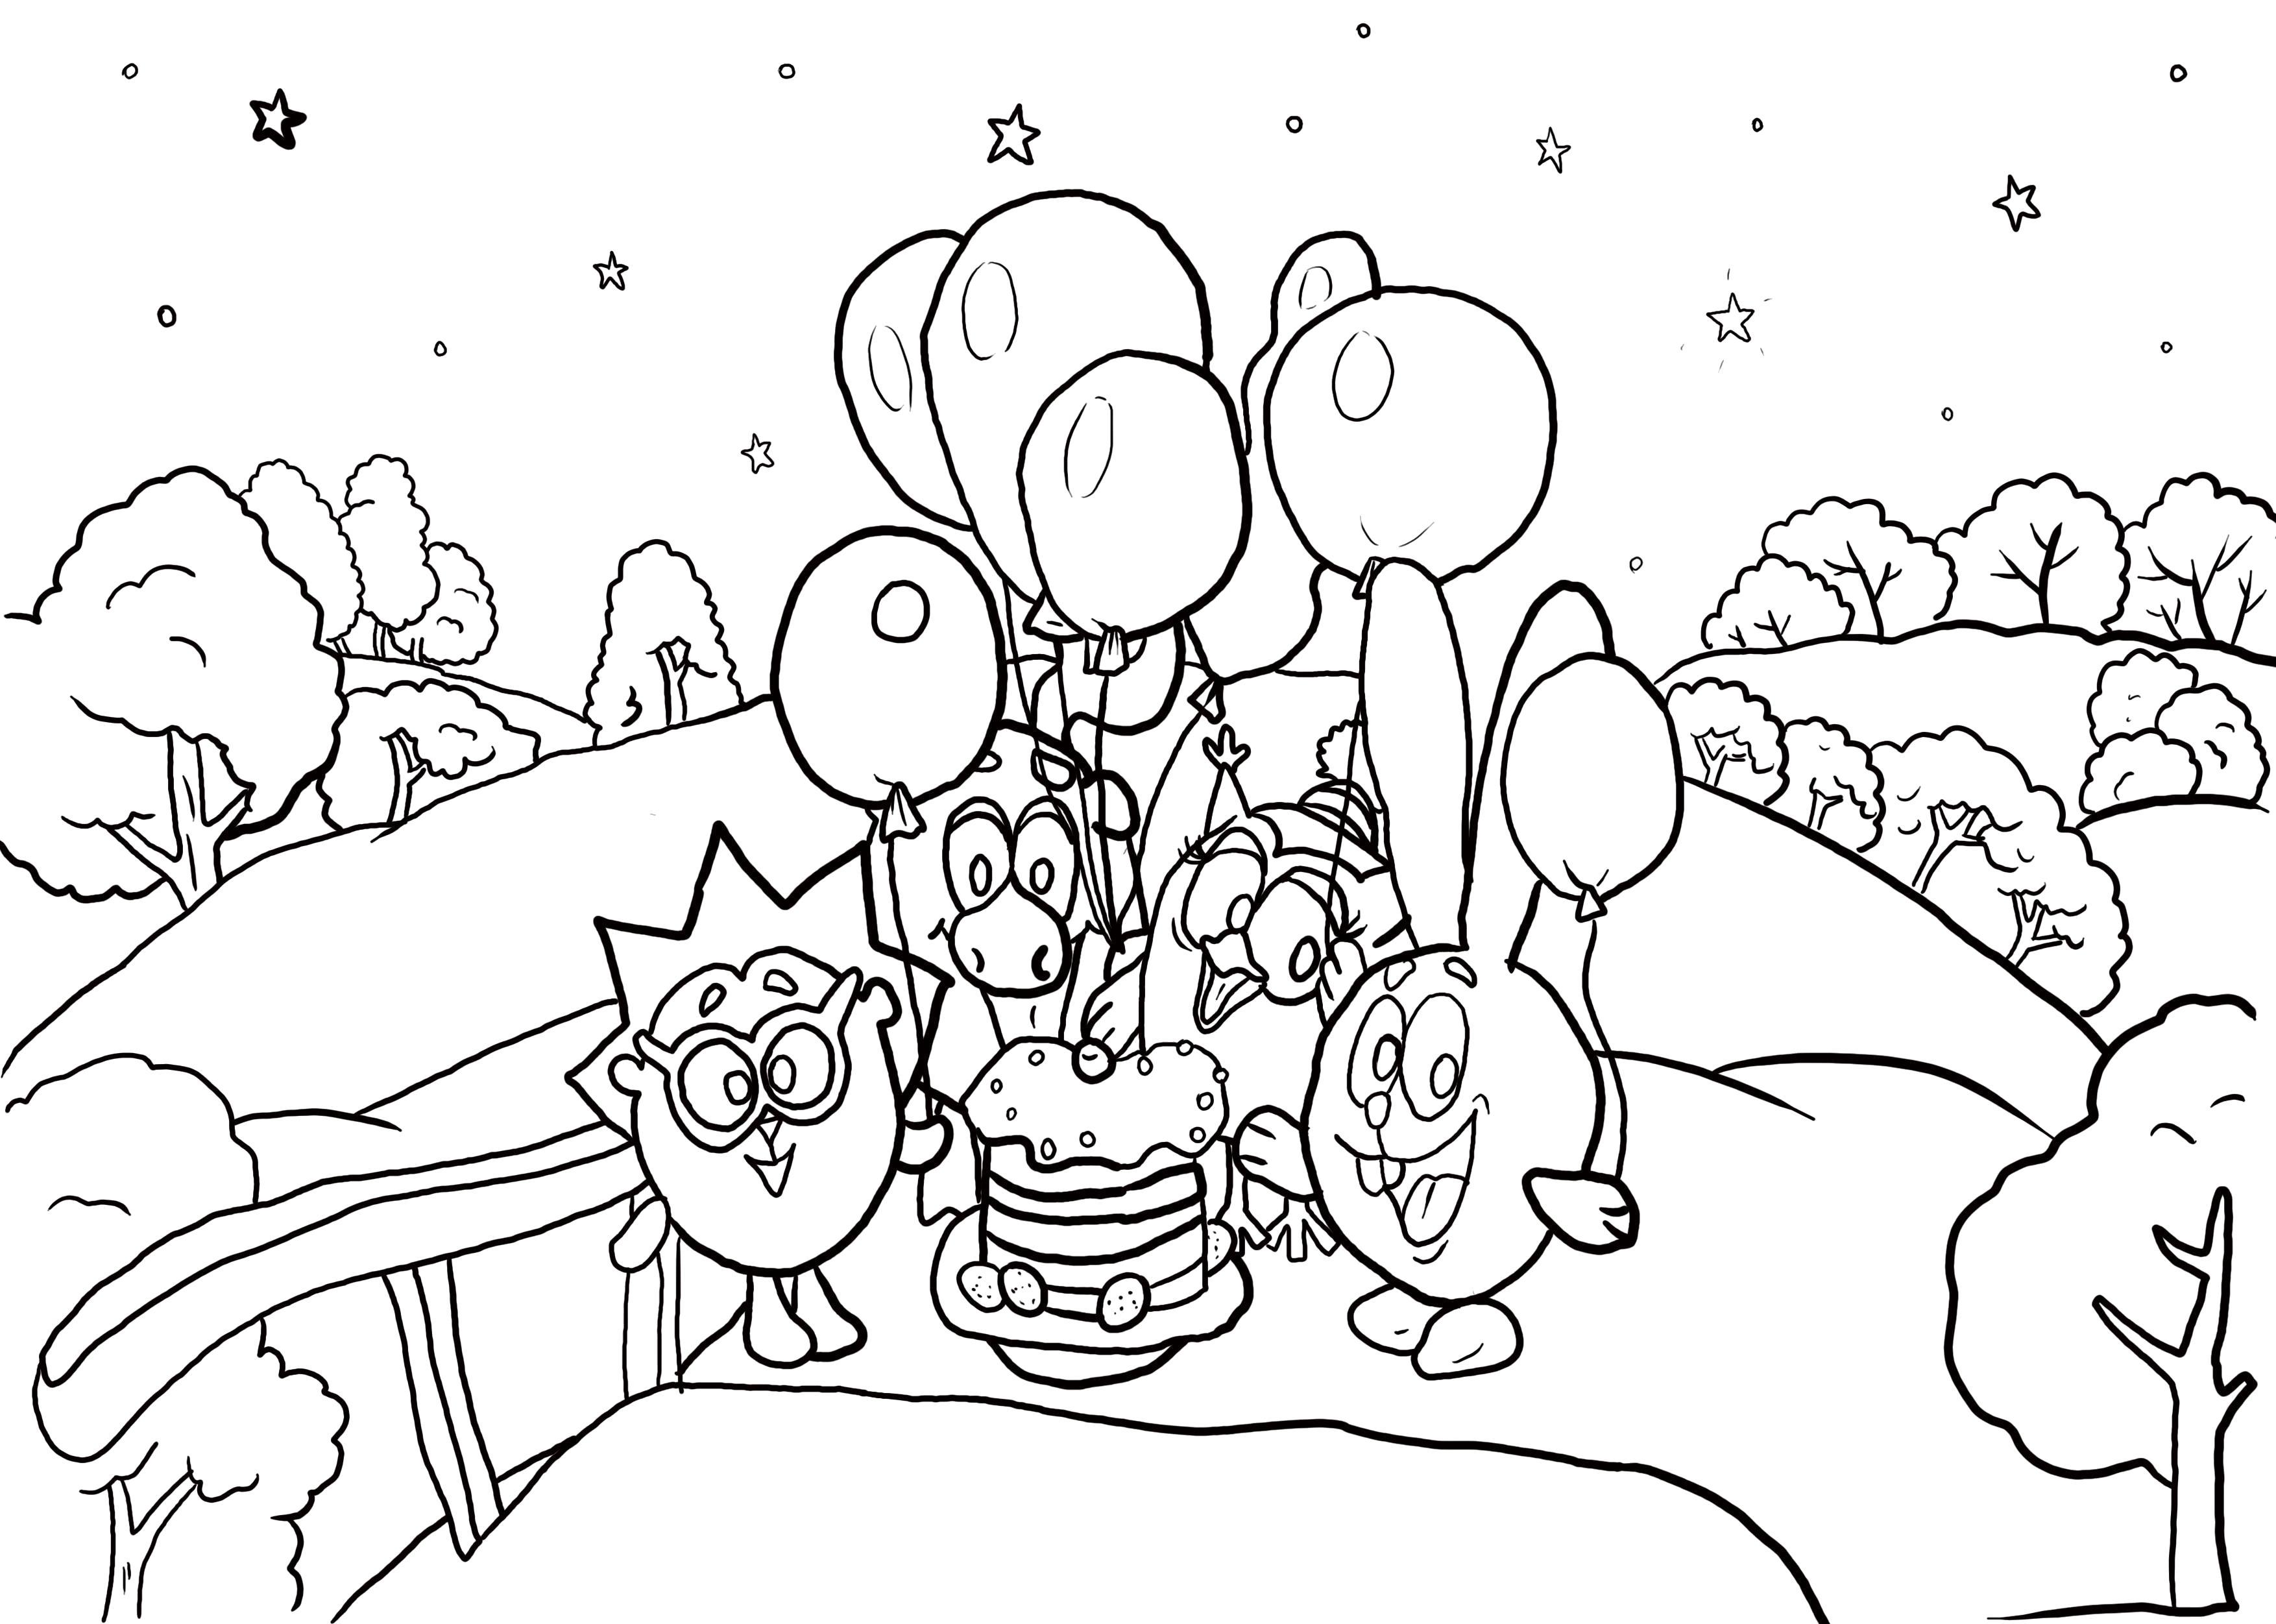 Раскраска смешарики с шариками. Скачать Ежик, Лосяш, Совунья, Крош.  Распечатать Смешарики